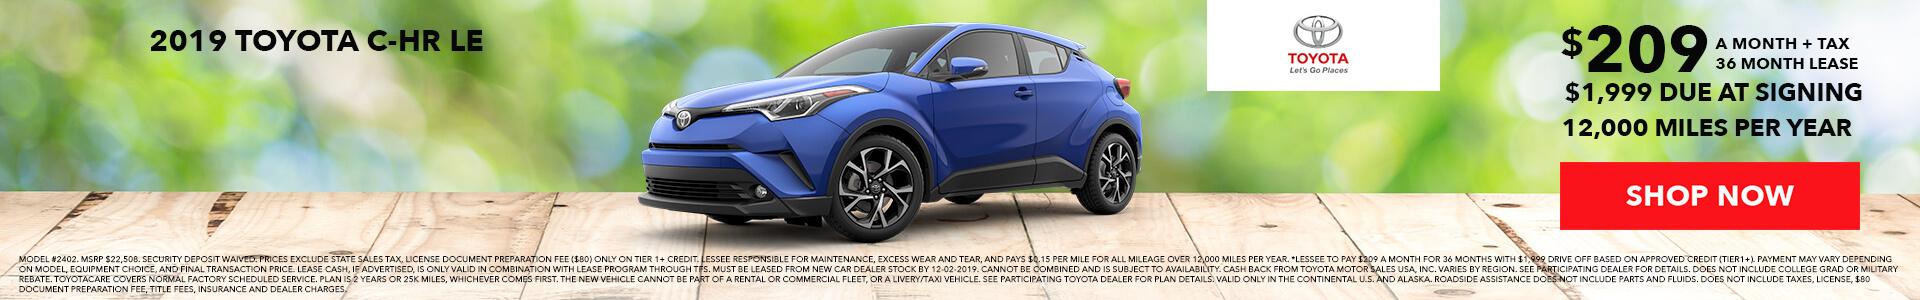 Toyota C-HR $219 Lease